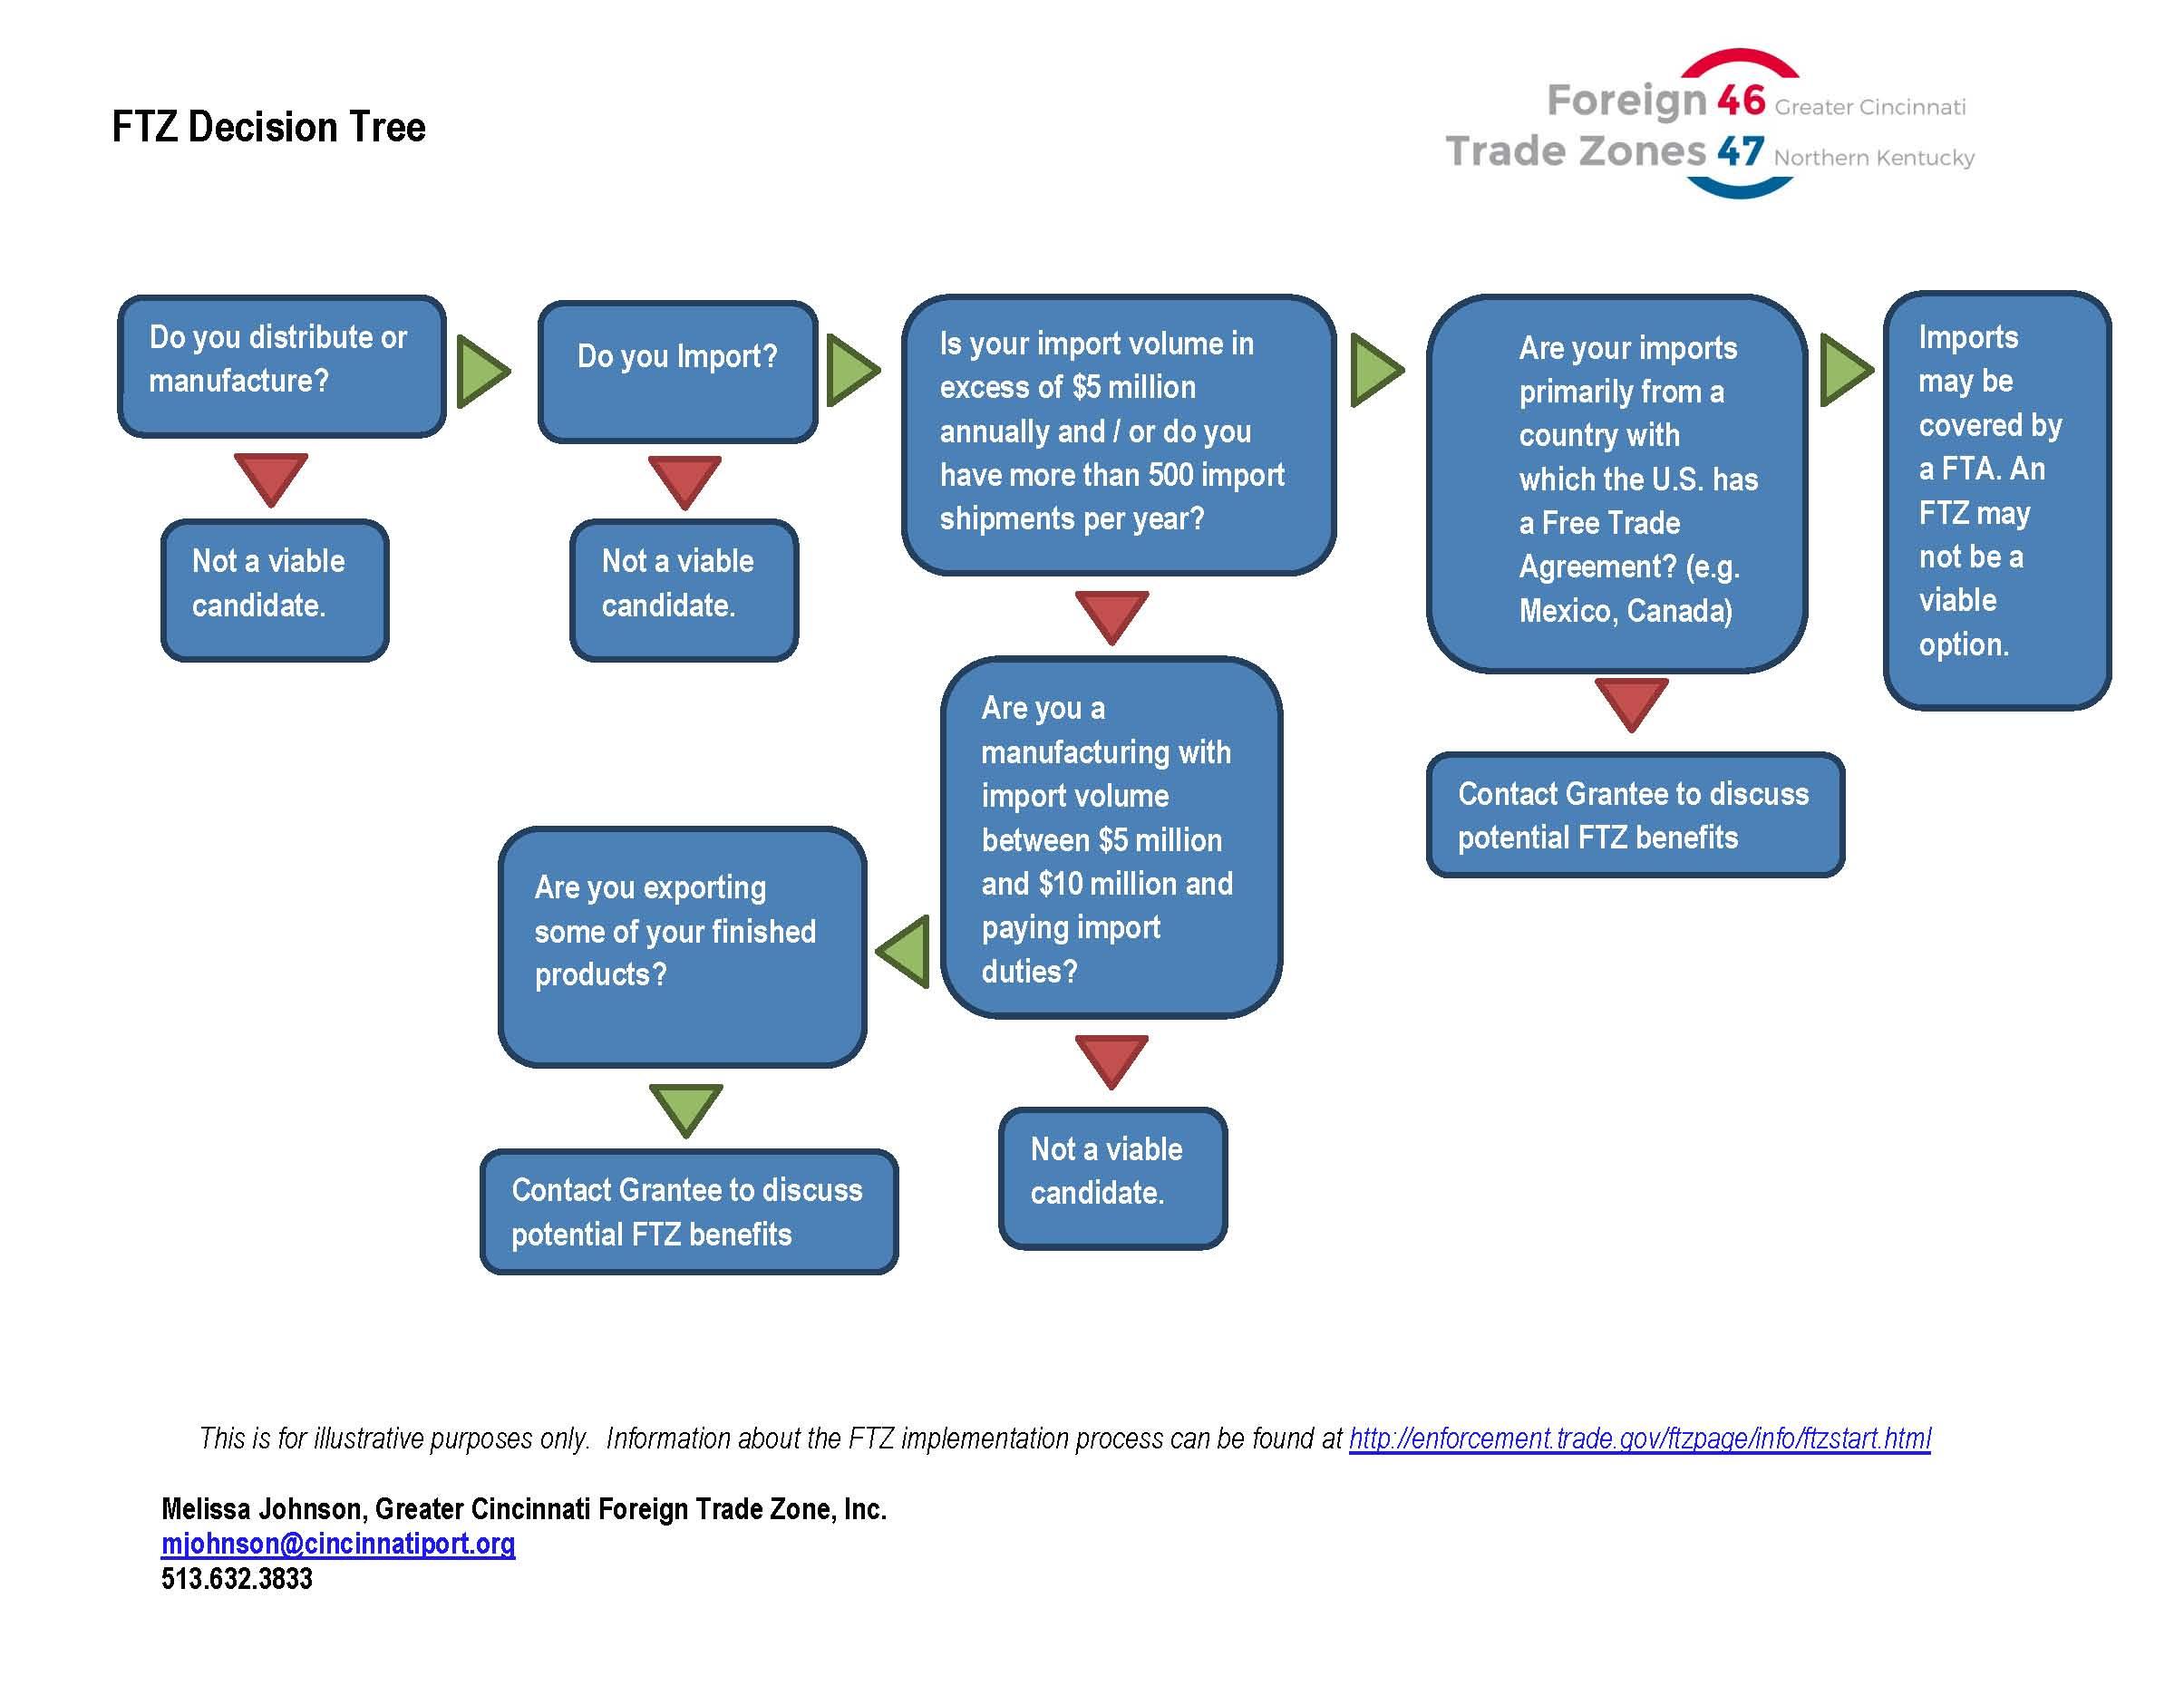 FTZ Decision Tree